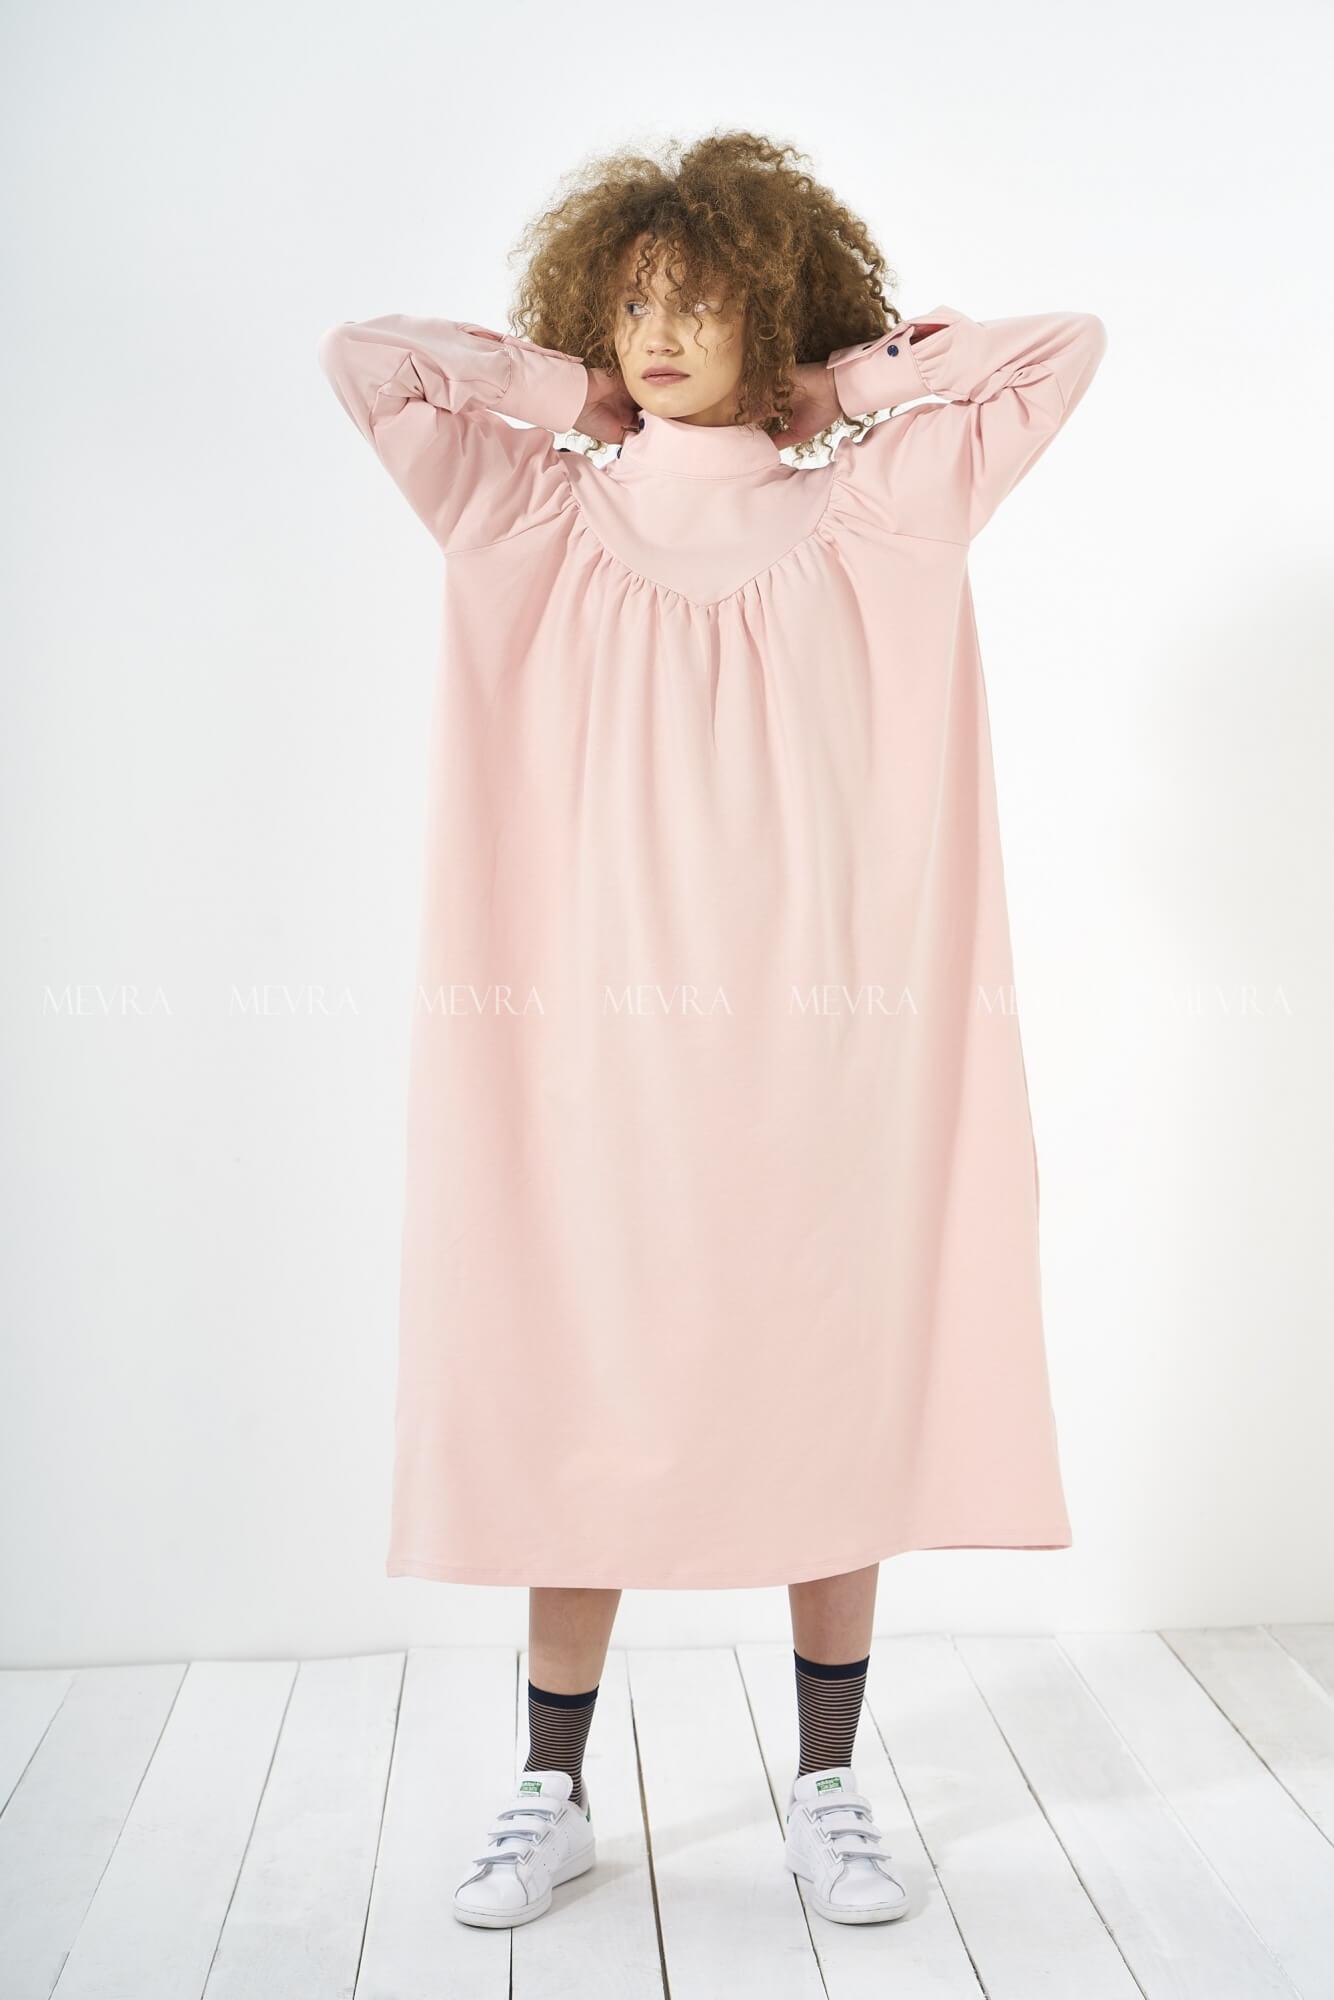 Yaza özel günlük elbise kombin modelleri